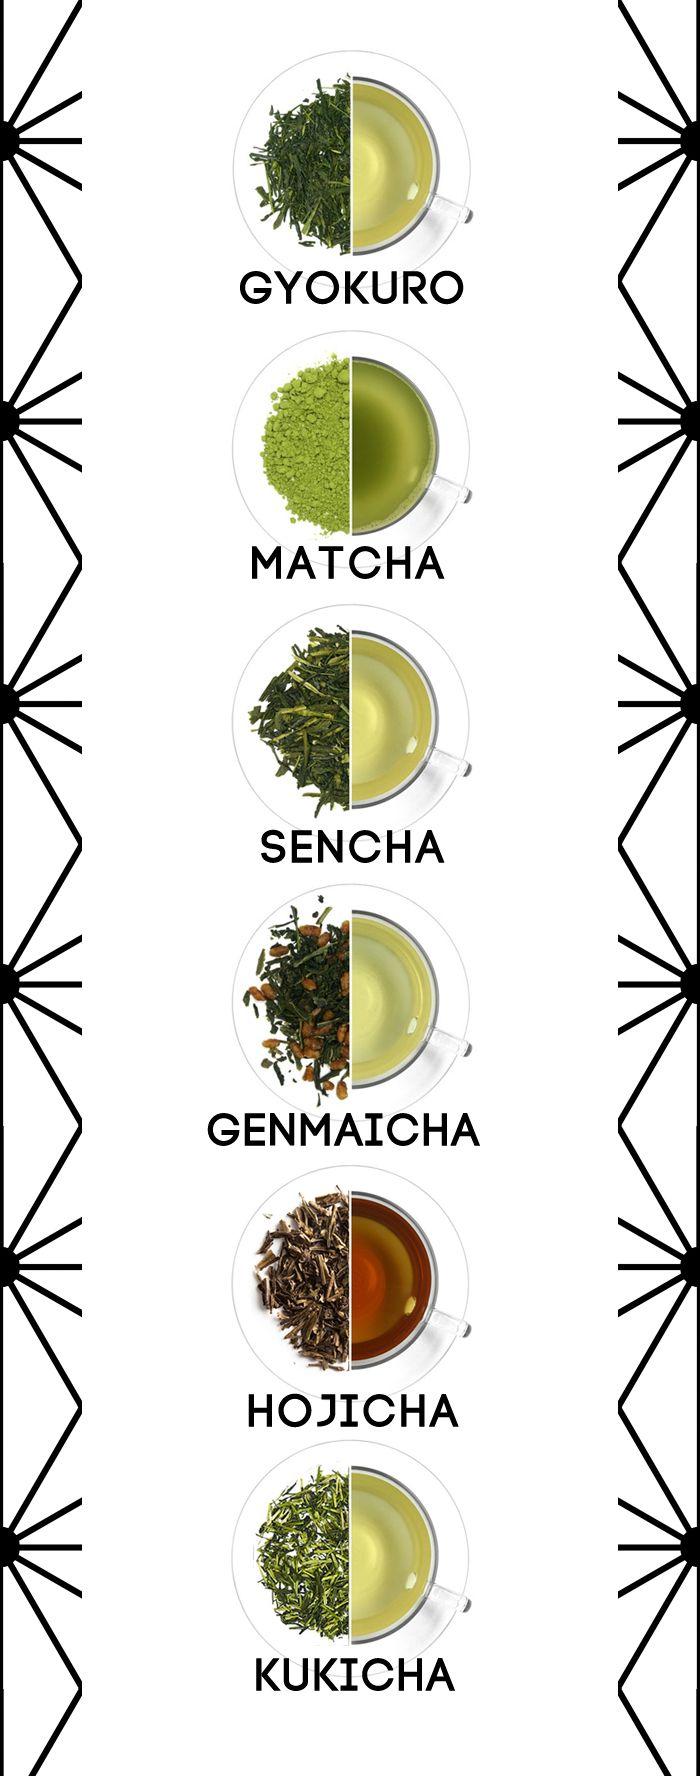 """Hay muchas variedades de té, las principales son el té verde jápones, el  eolong chino y el té negro, pero todos provienen de la misma planta, la  planta del té, cuyo nombre es """"Camelia Sinensis"""". Aunque la planta es la  misma, en la India el té crece en árboles mientras que en Japón y China  esta crece en pequeños arbustos.  También existen diferencias en la manipulación de la hoja del té una vez es  arrancada de la planta, en Japón a las hojas se les aplica vapor  inmediatamente tras…"""